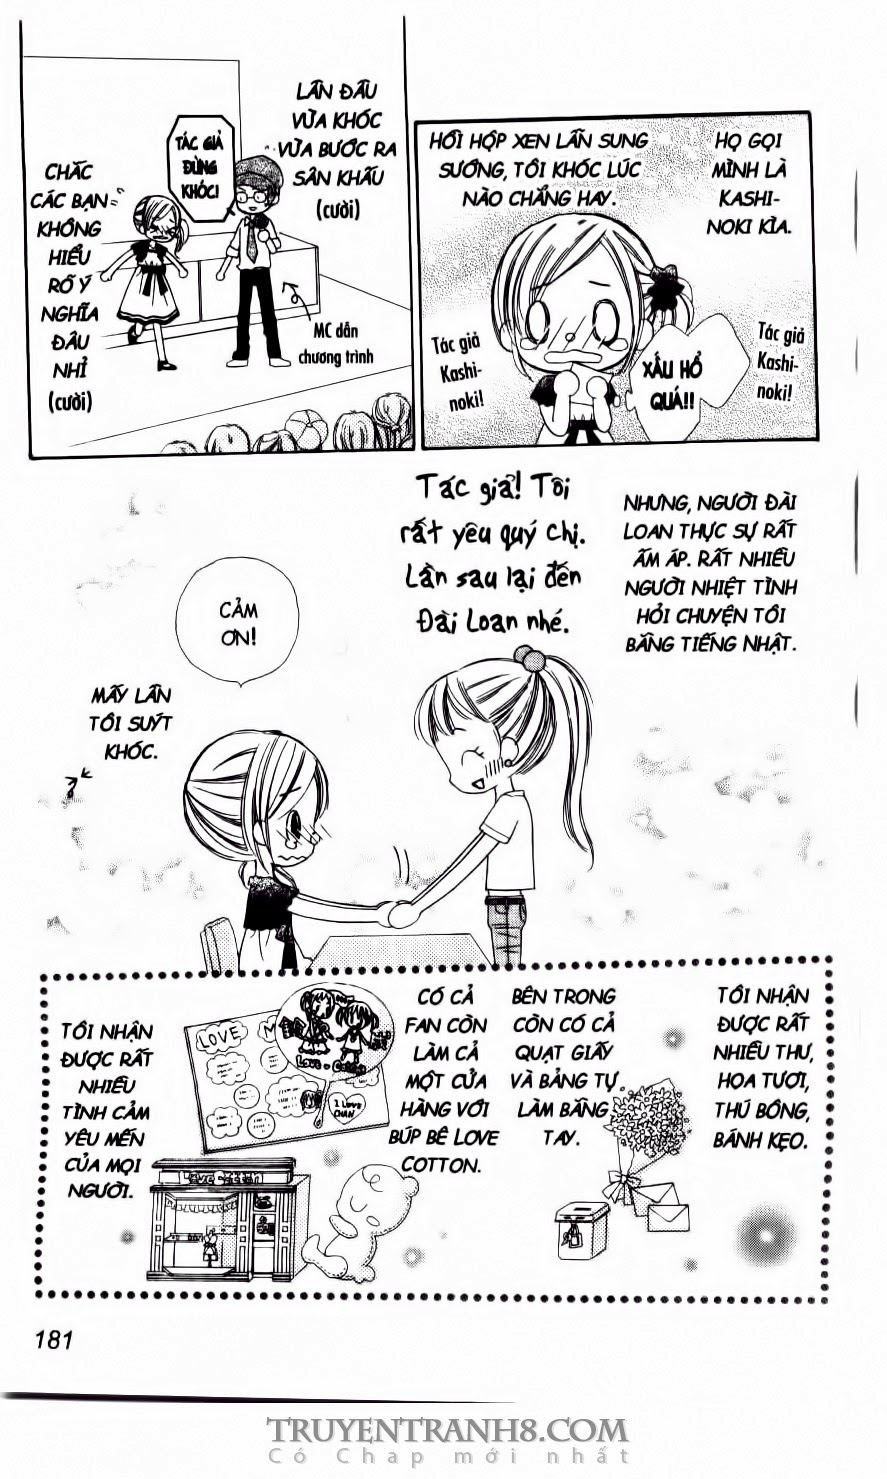 TruyenHay.Com - Ảnh 11 - Tiệm Thời Trang, Love Cotton Chương 31